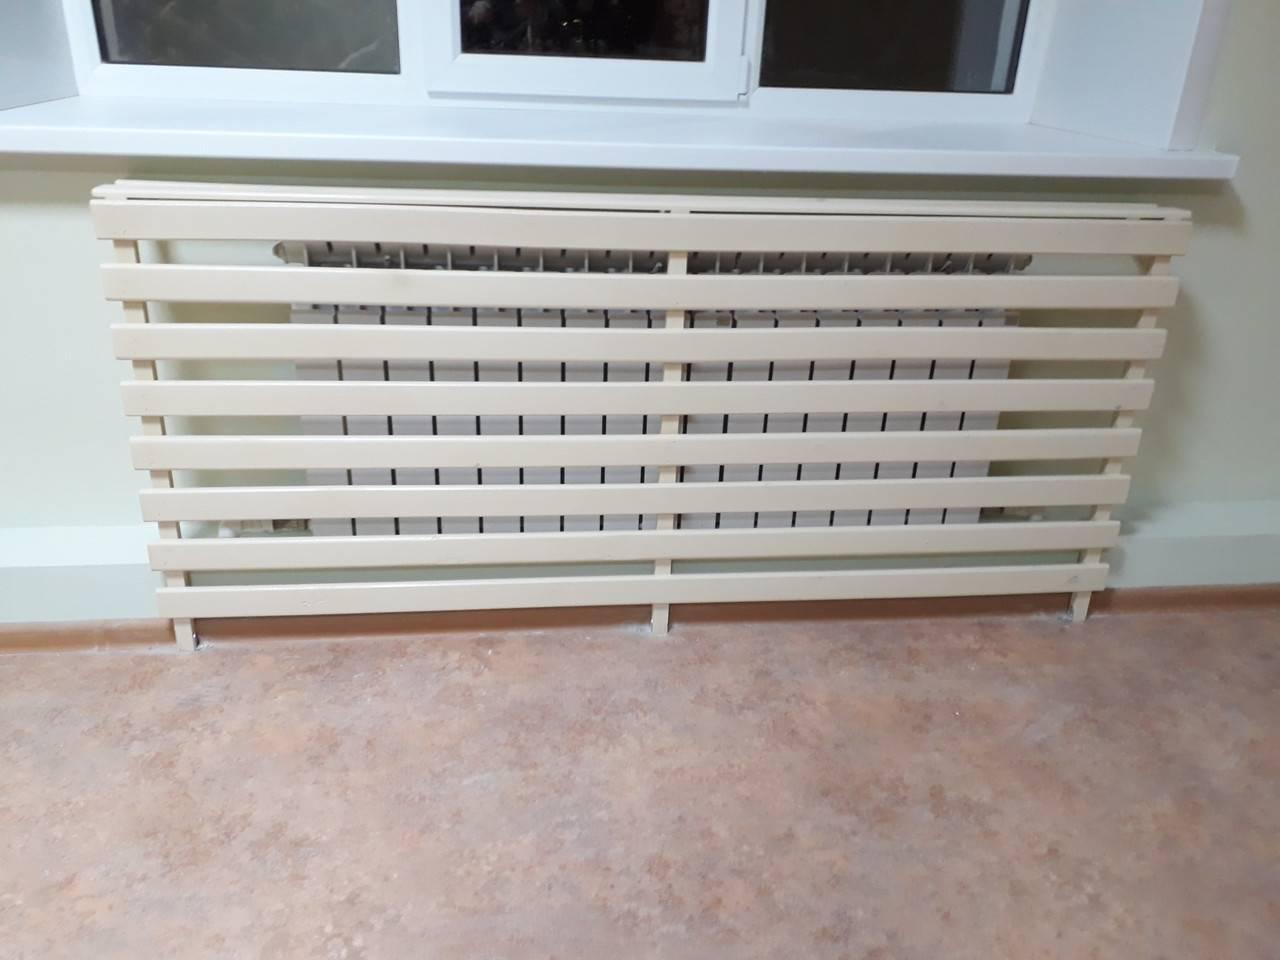 Декоративная решетка для радиатора отопления своими руками - всё об отоплении и кондиционировании